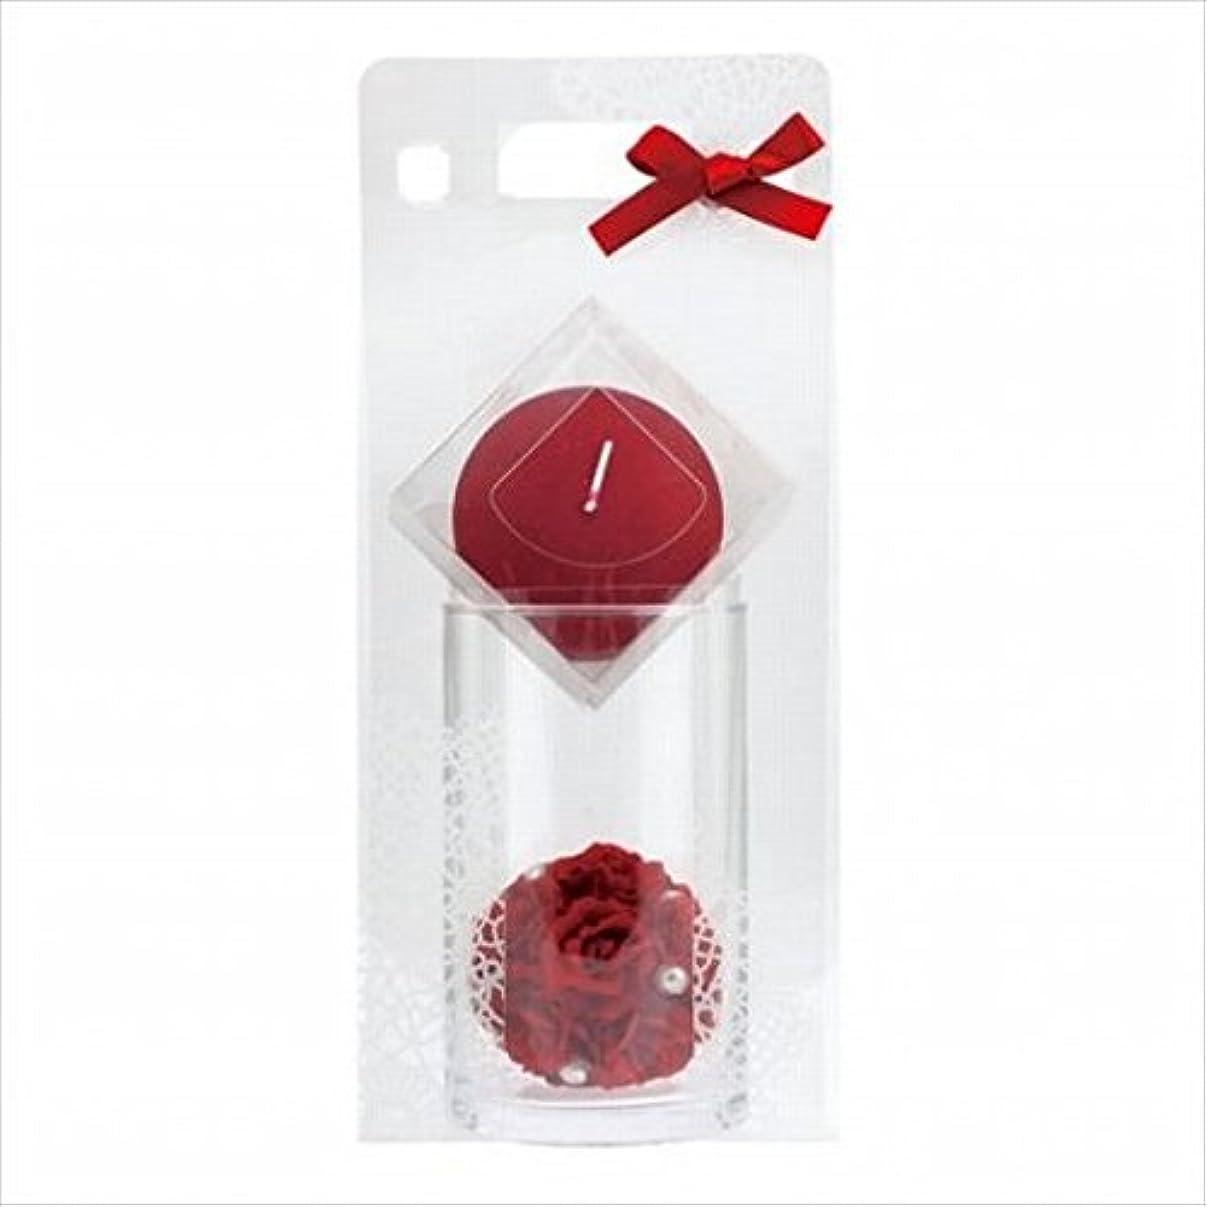 花通信する漂流kameyama candle(カメヤマキャンドル) ローズボールセット 「 ワインレッド 」 キャンドル ギフトセット(66031000WR)